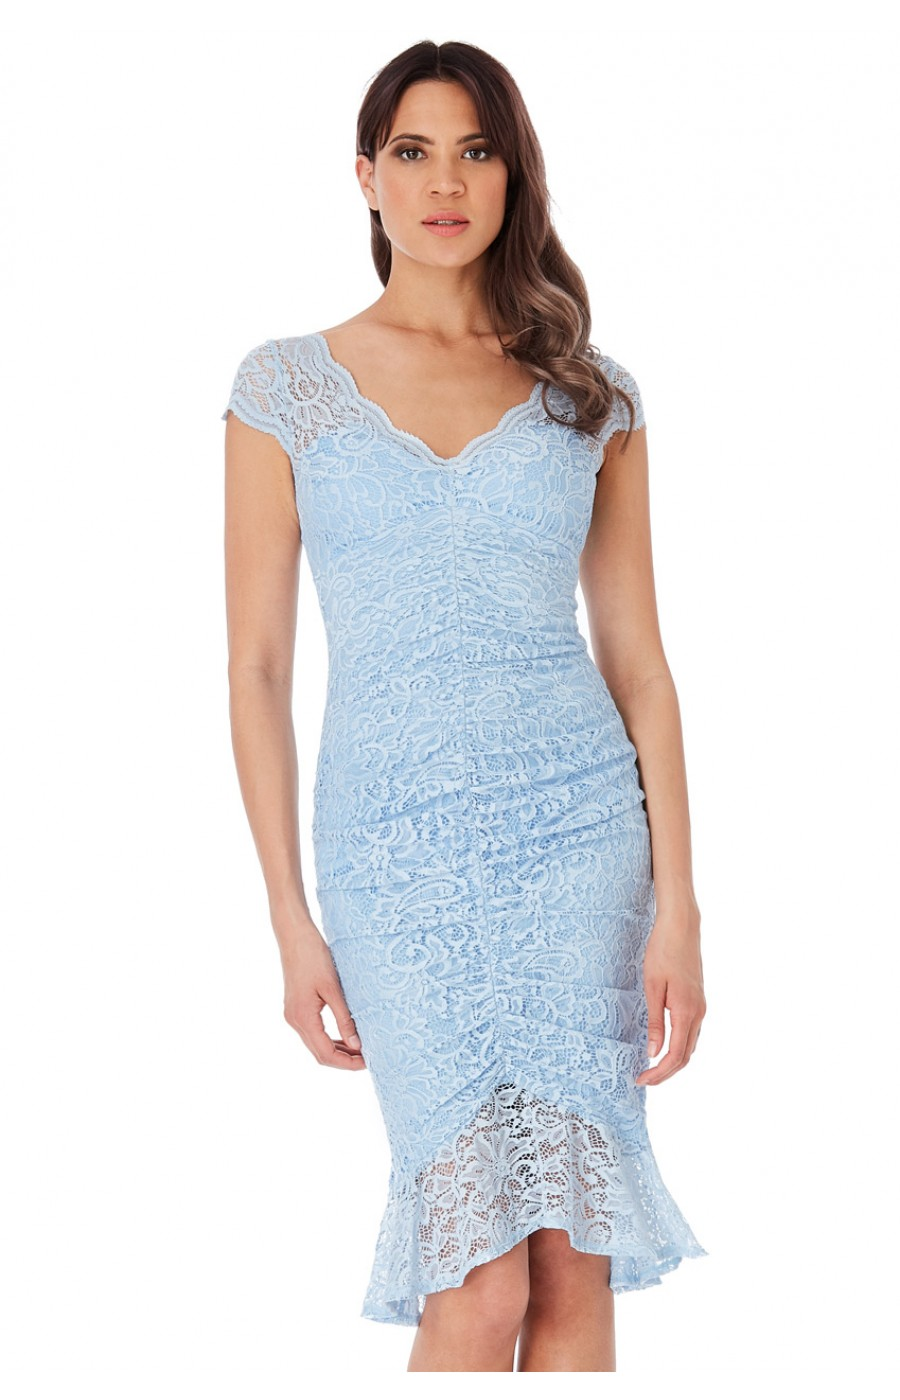 Γαλάζιο μιντι φόρεμα απο μαλακη ελαστικη δαντέλα